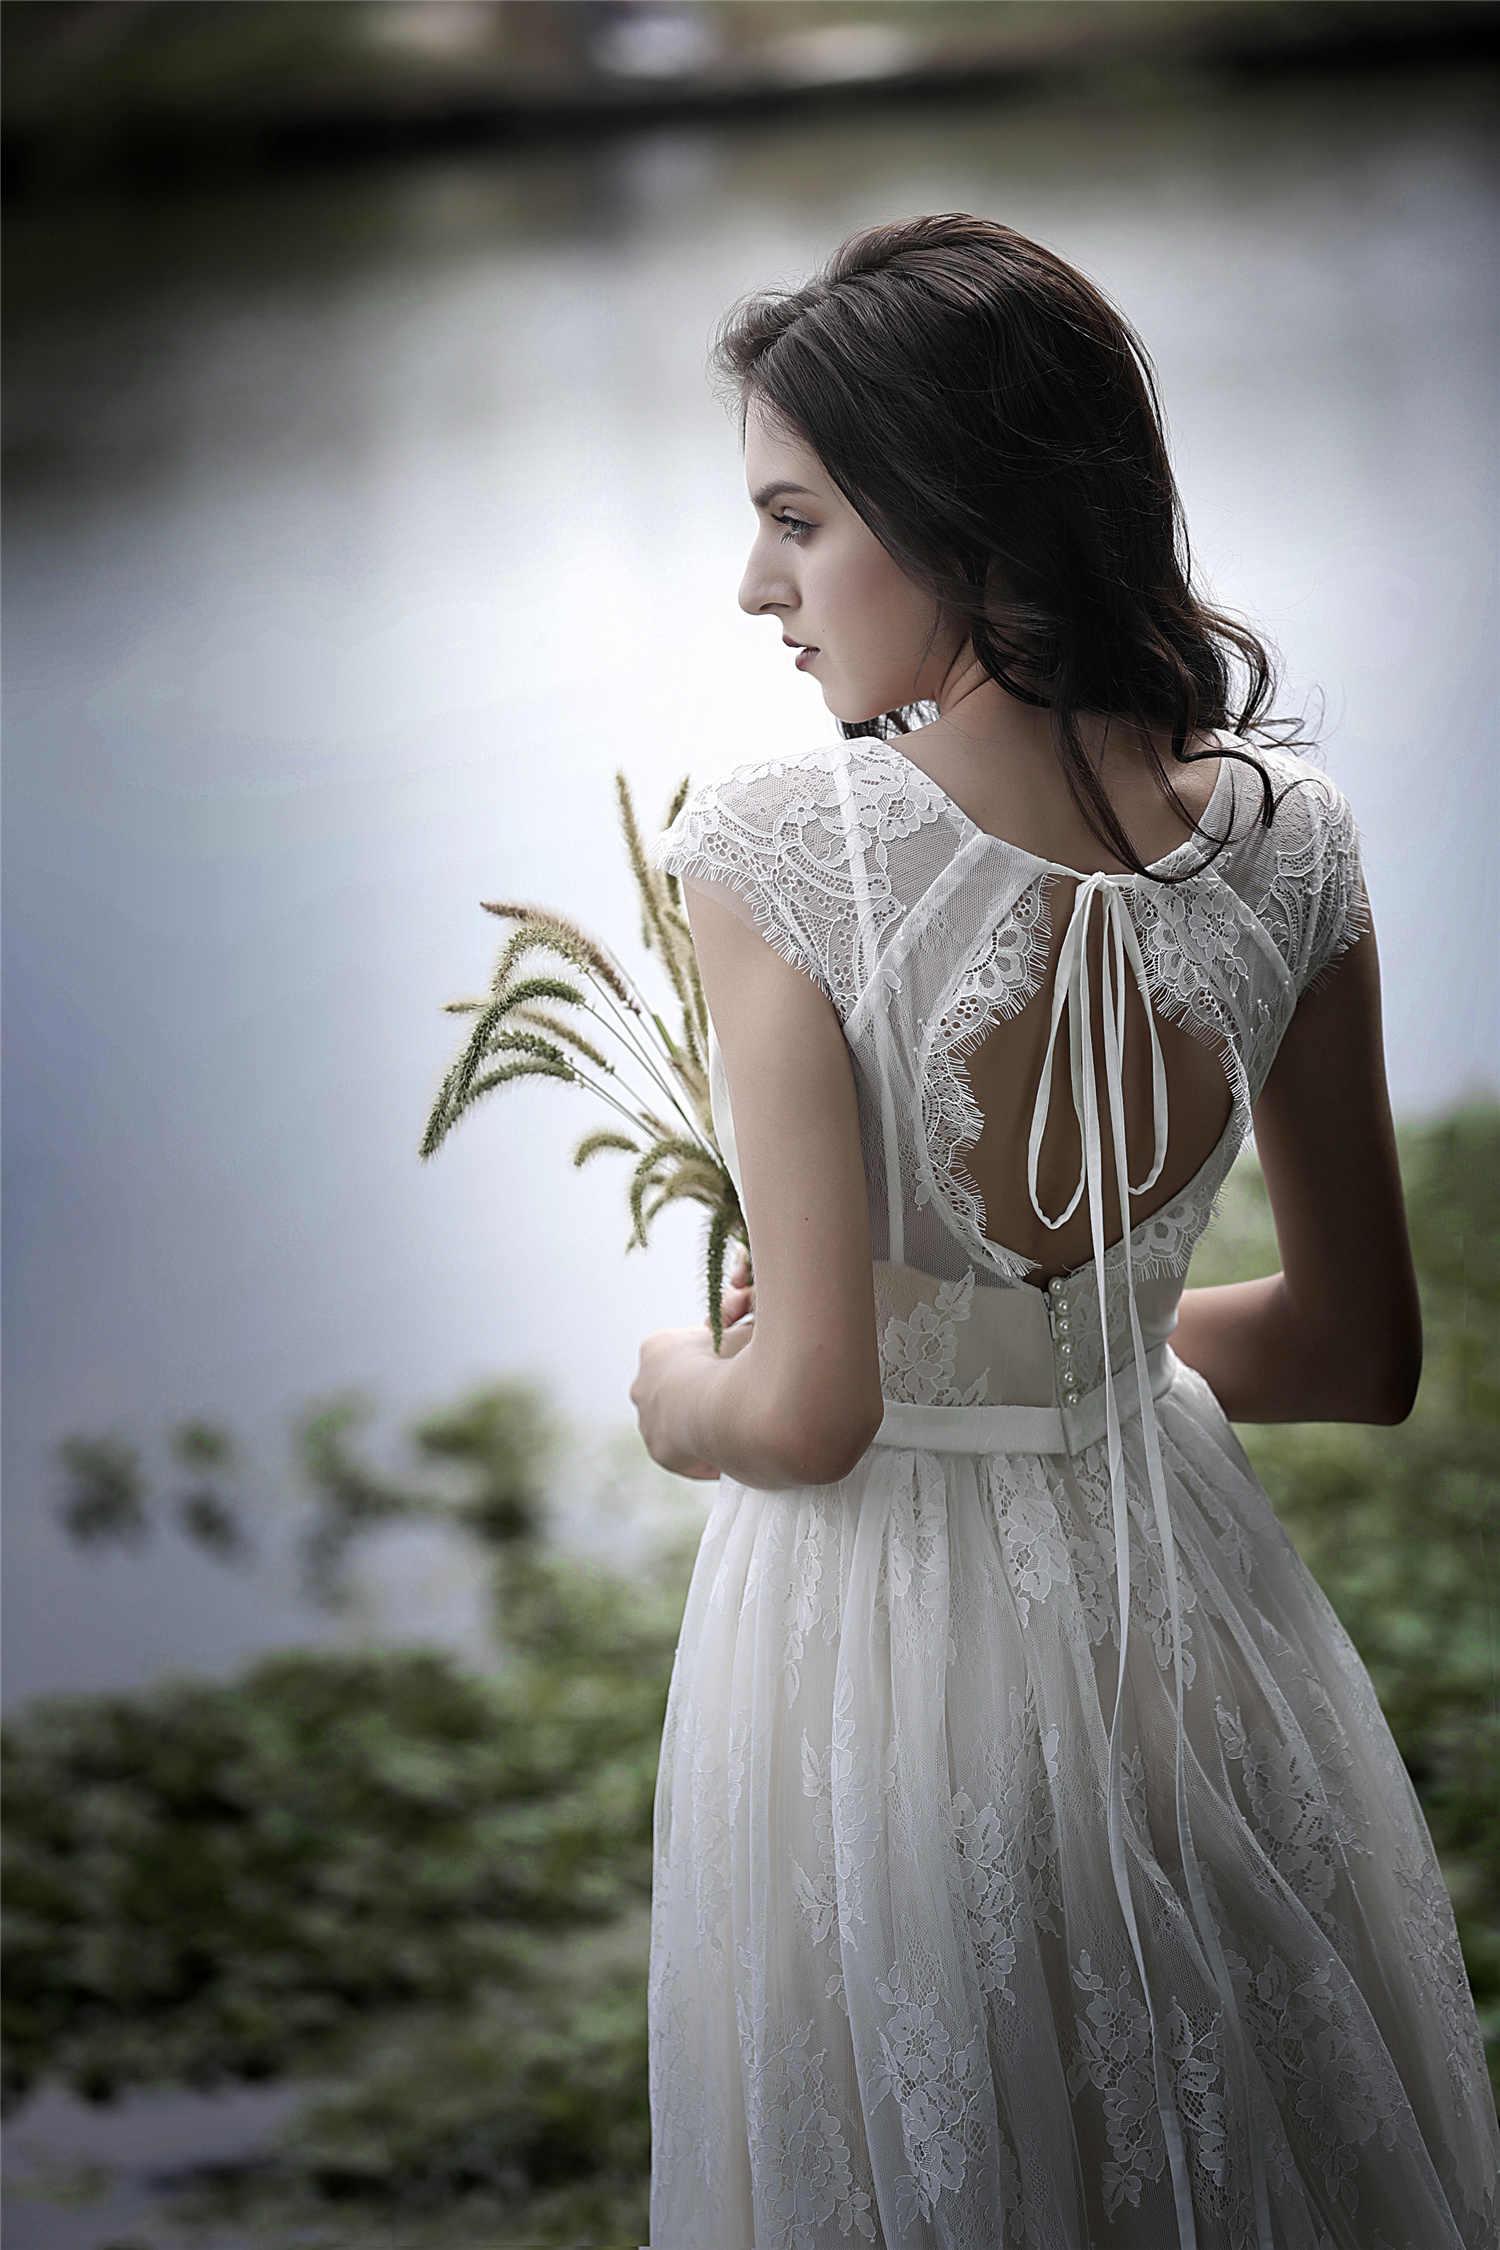 אונליין V-צוואר כתרי שרוולי Appliqued תחרה מקיר לקיר-אורך מיוחד Backstyle ללא משענת טול שמלת כלה לחתונה